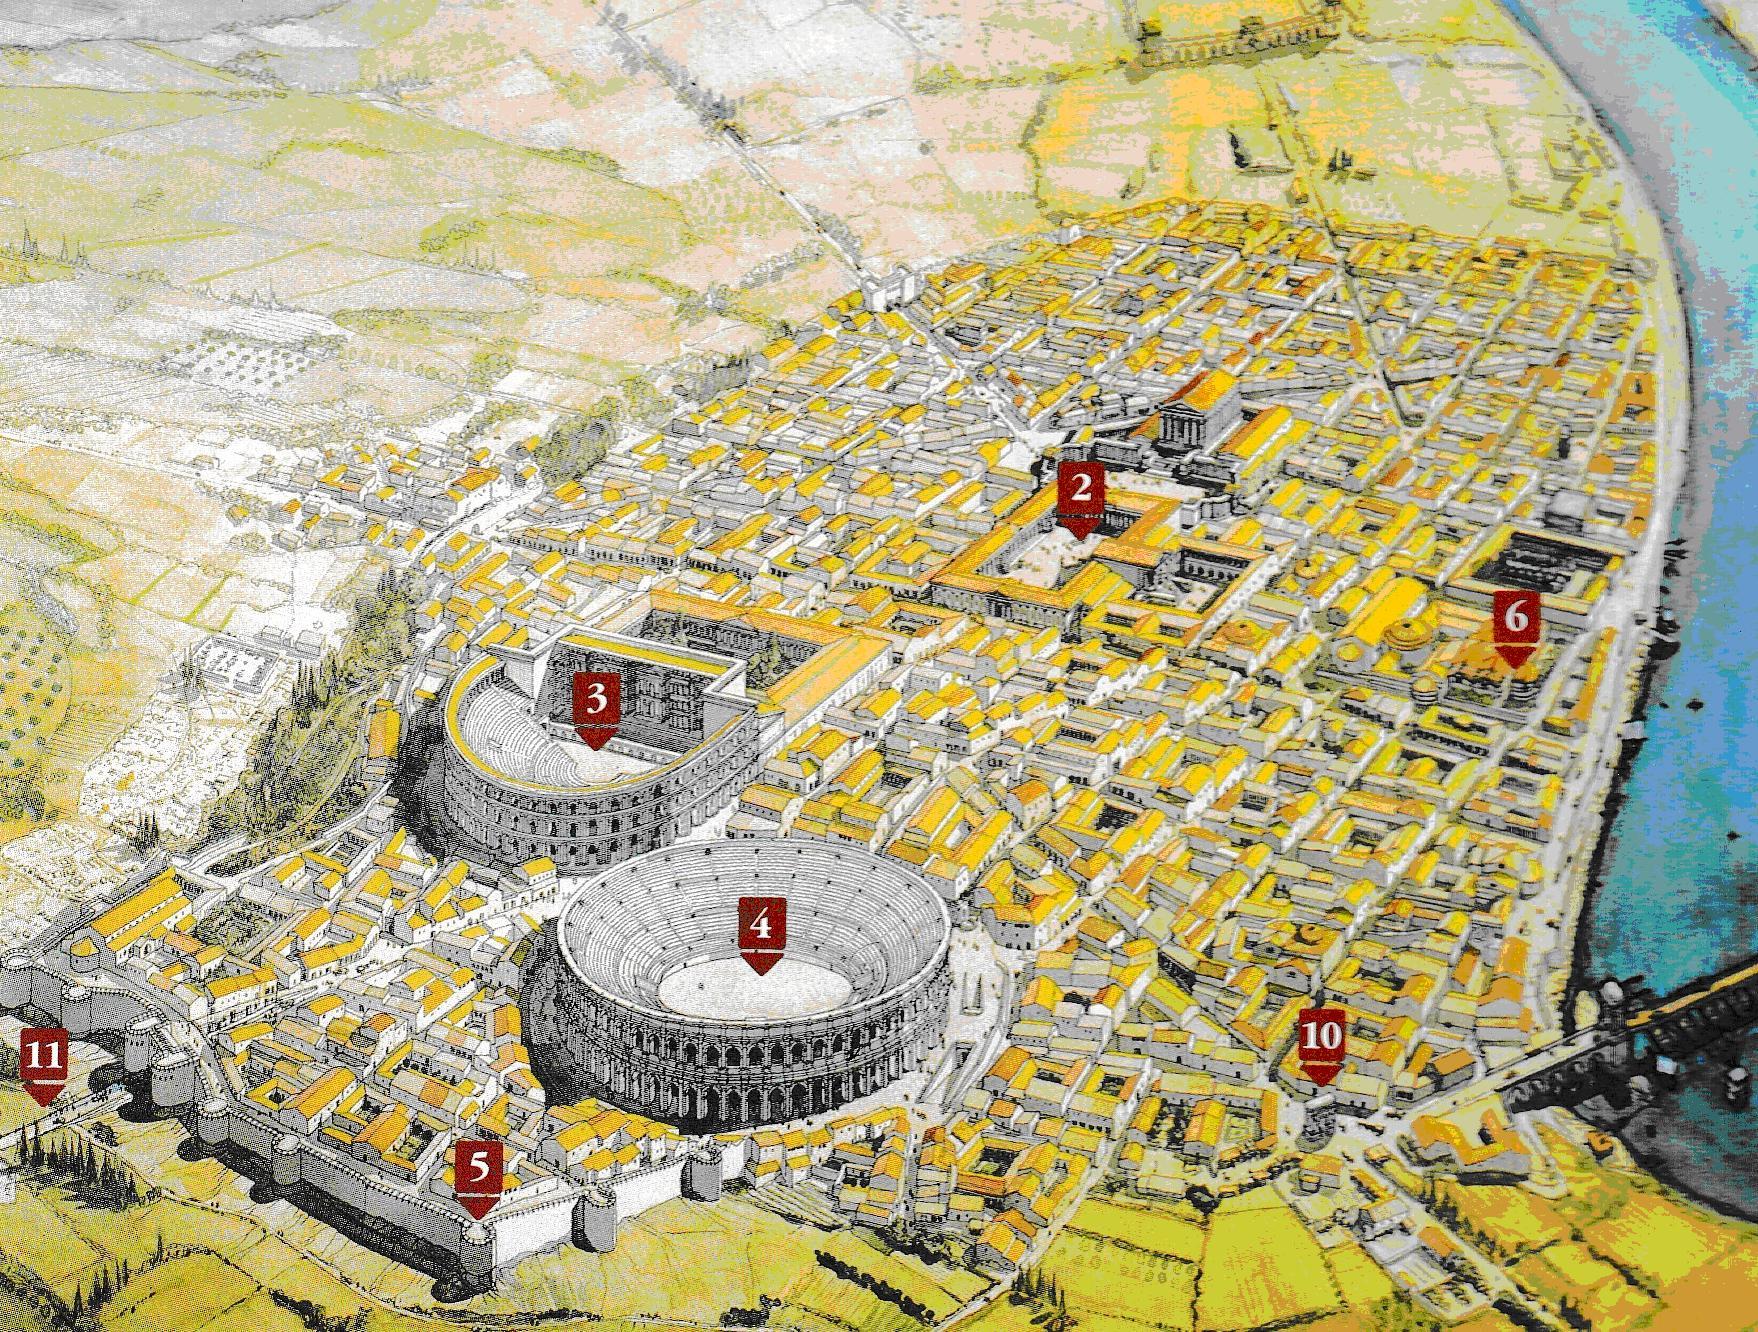 Lactancio y su plan completo. Una ciudad romana (Lugdumun) que no debía desaparecer.